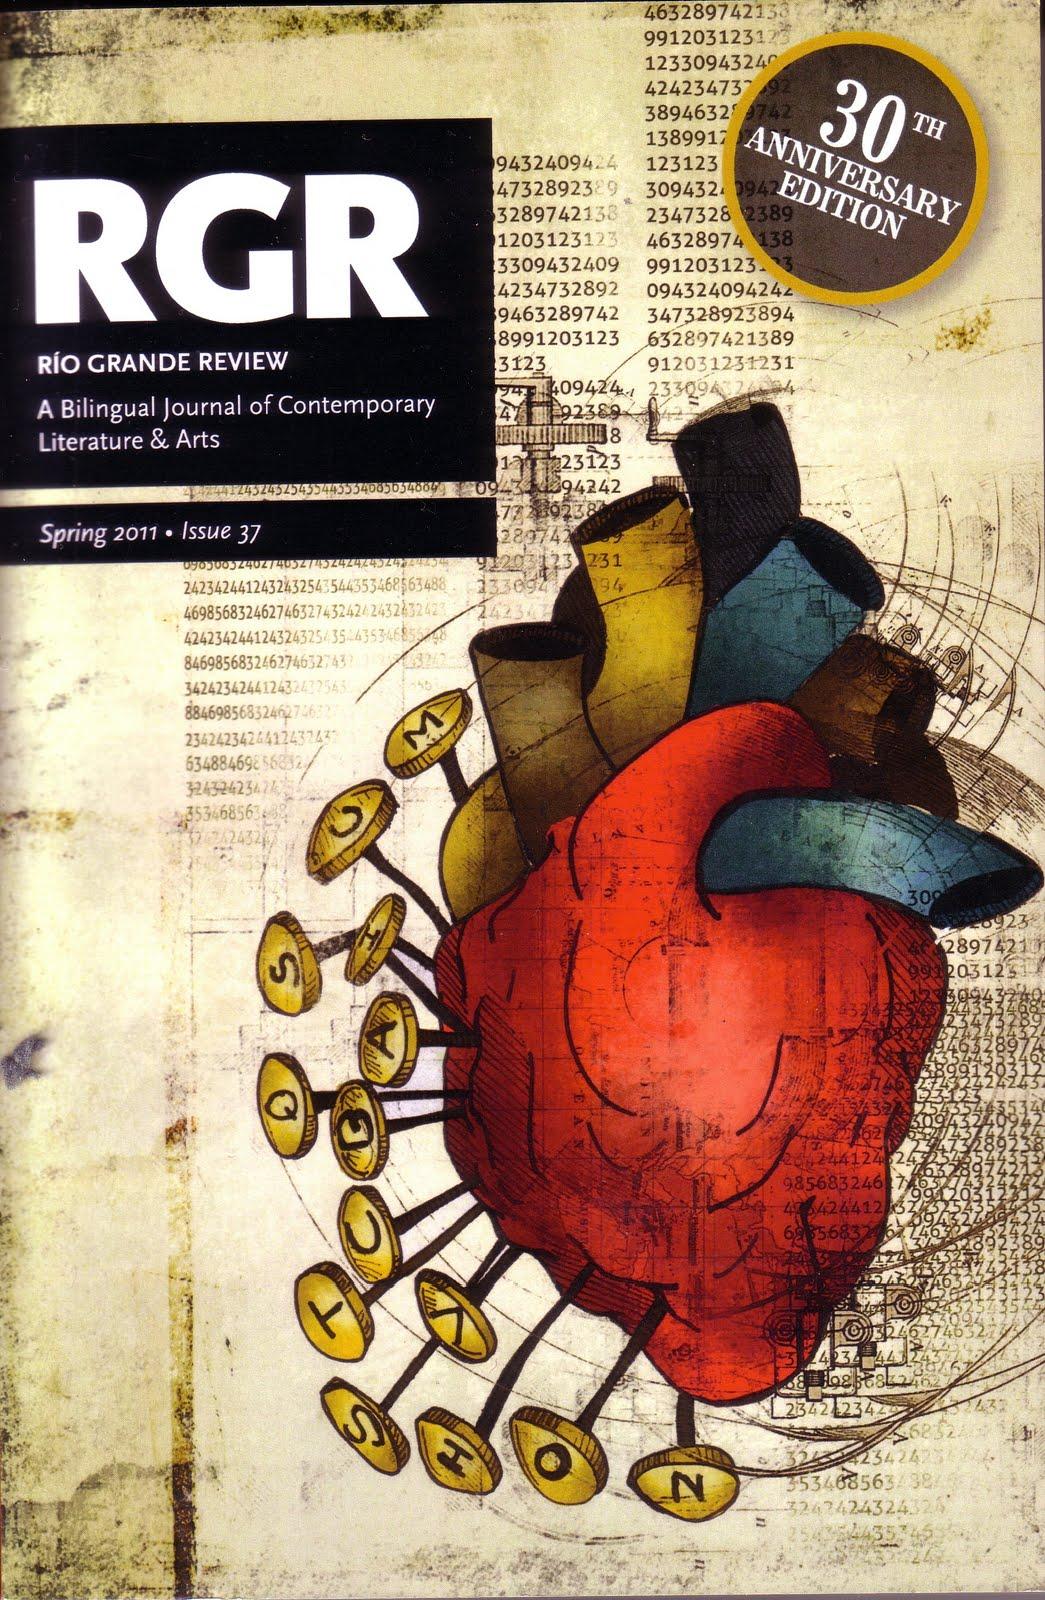 Río Grande Review - 'El alfabeto del profesor Chomsky' (El Paso, Spring 2011)